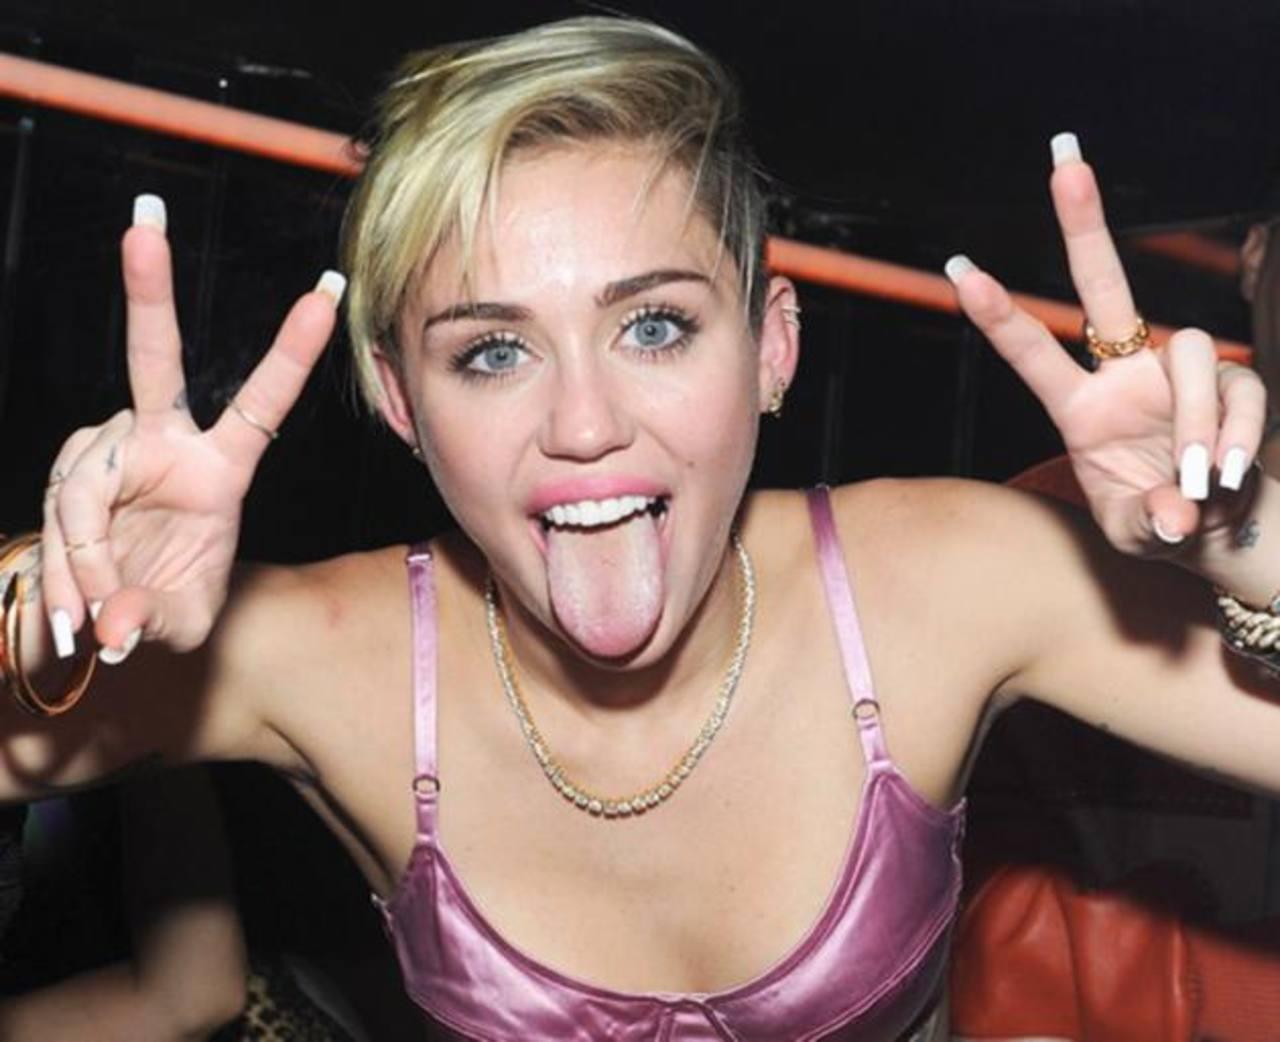 Prohíben concierto de Miley Cyrus en República Dominicana